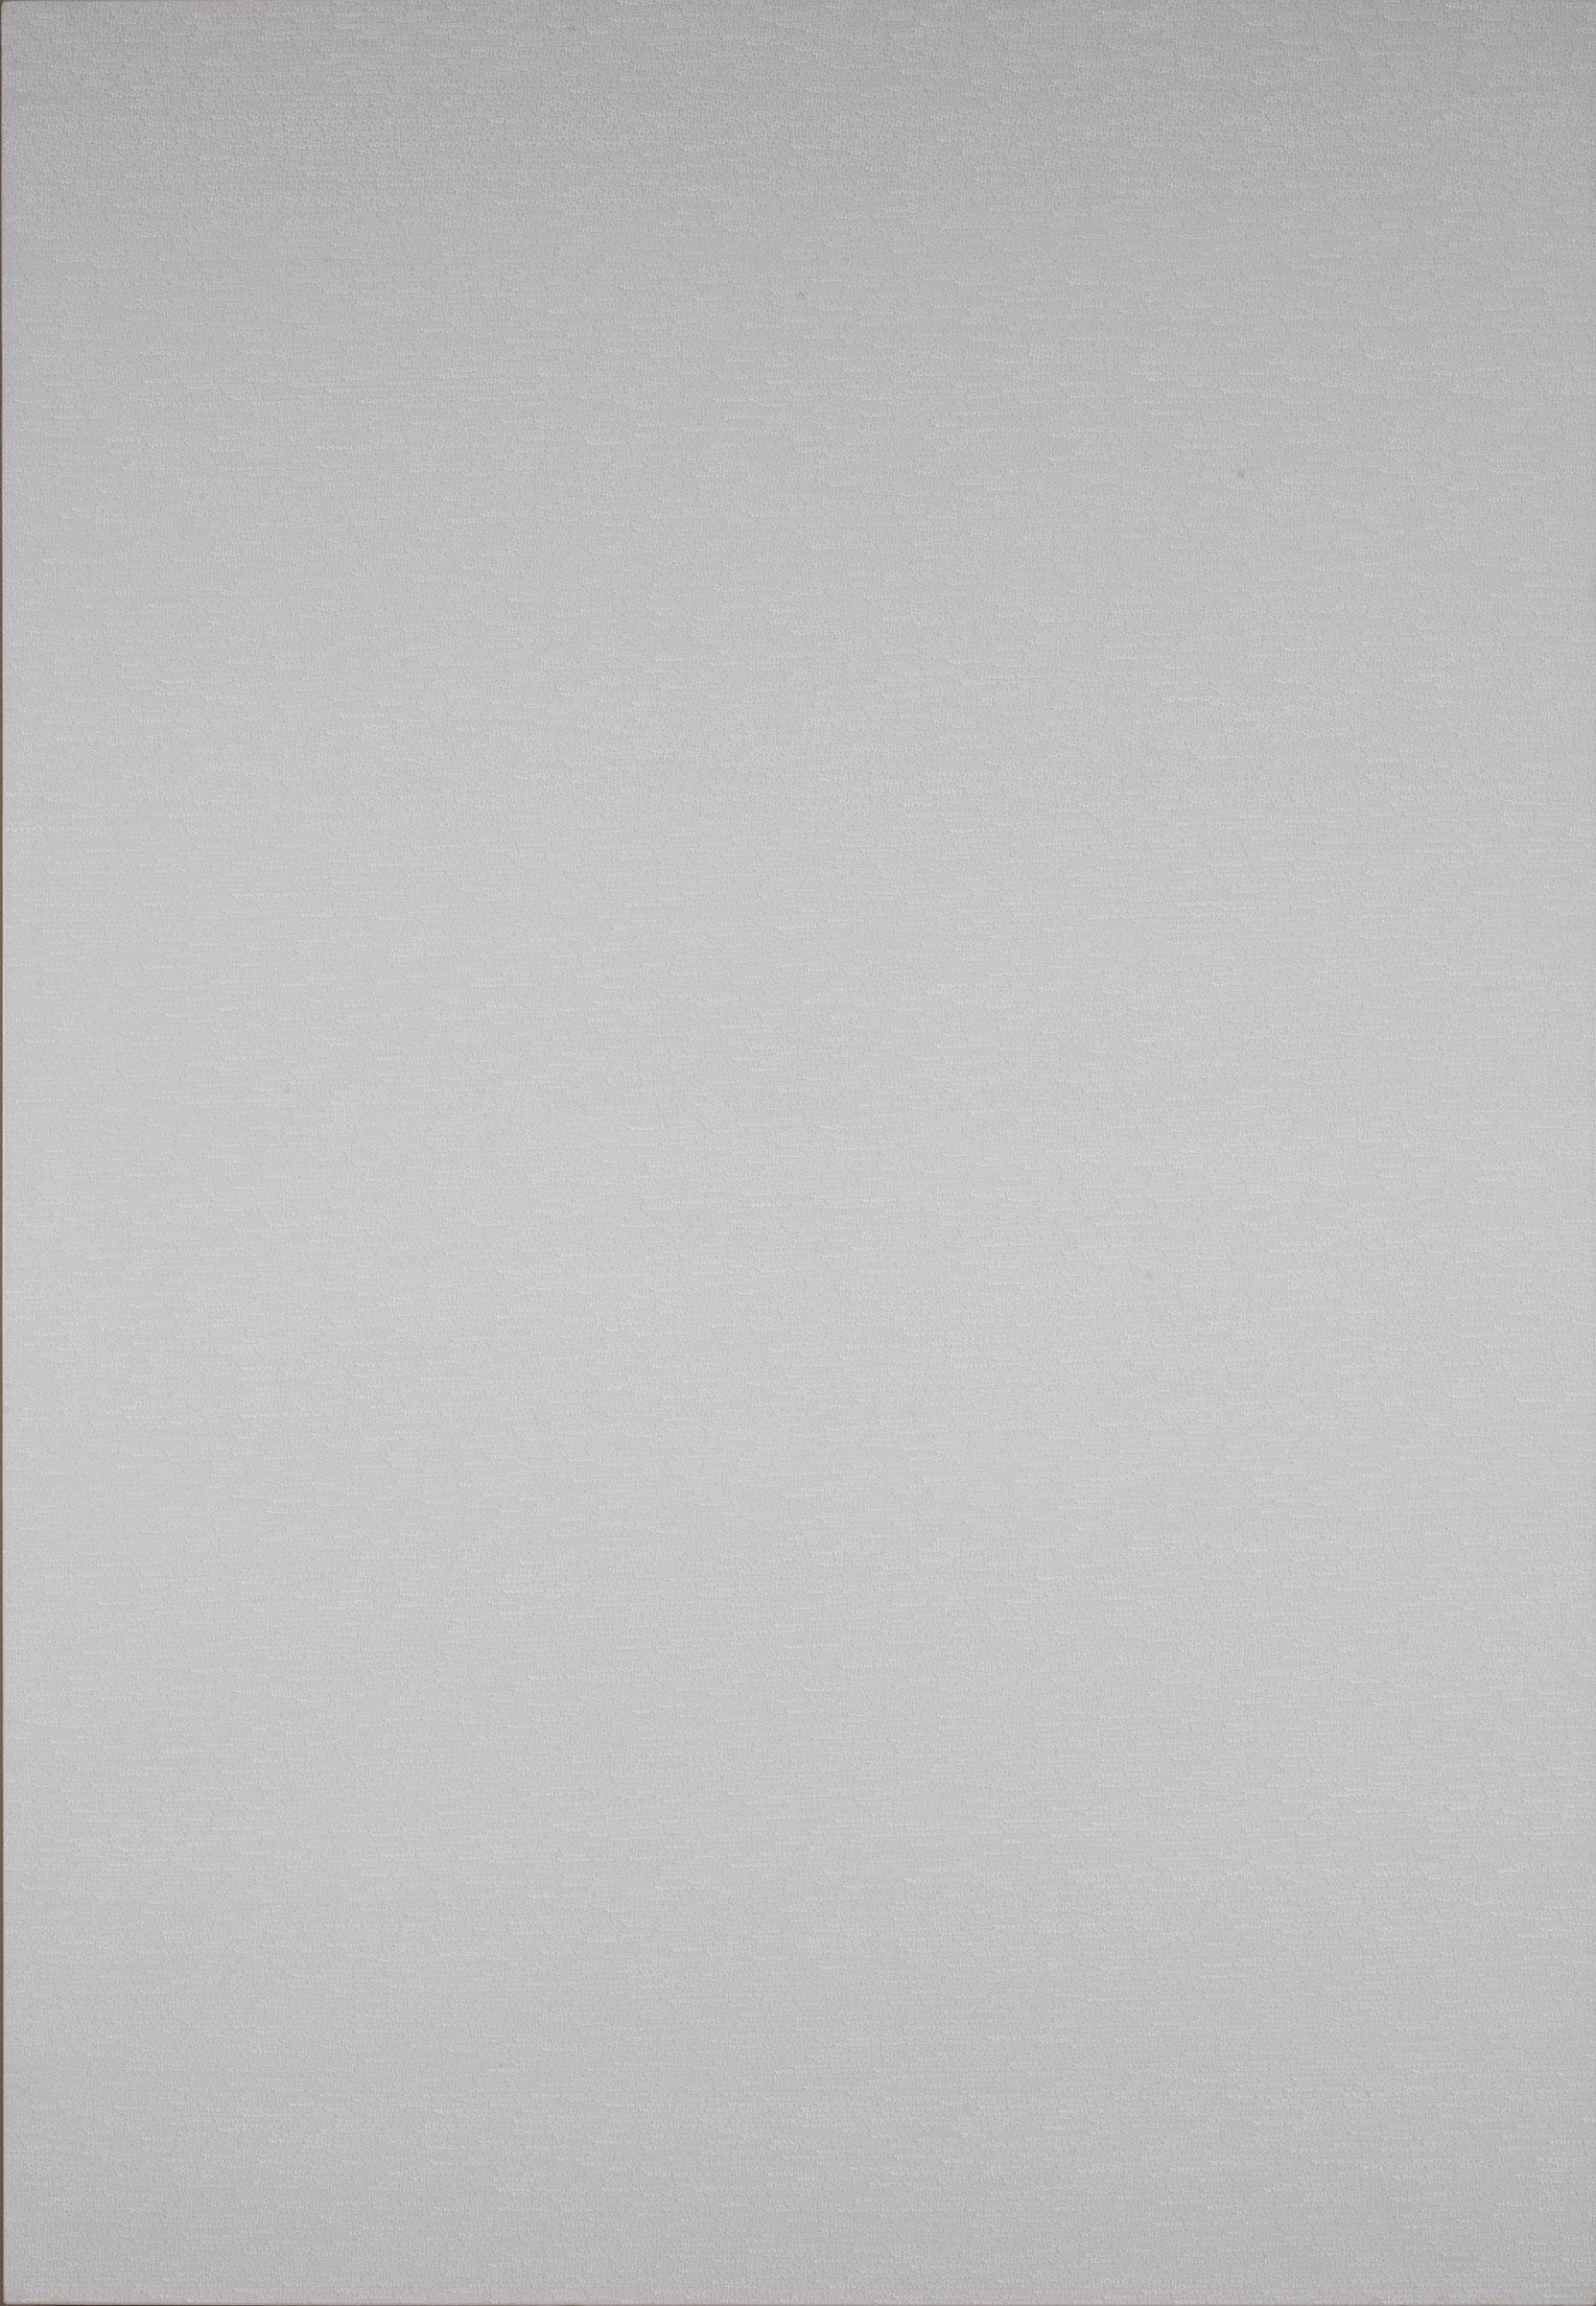 OPALKA 1965/1 - oo Détail 4273405 - 4293153, vers 1990-1993, Roman Opalka, Acrylique sur toile.